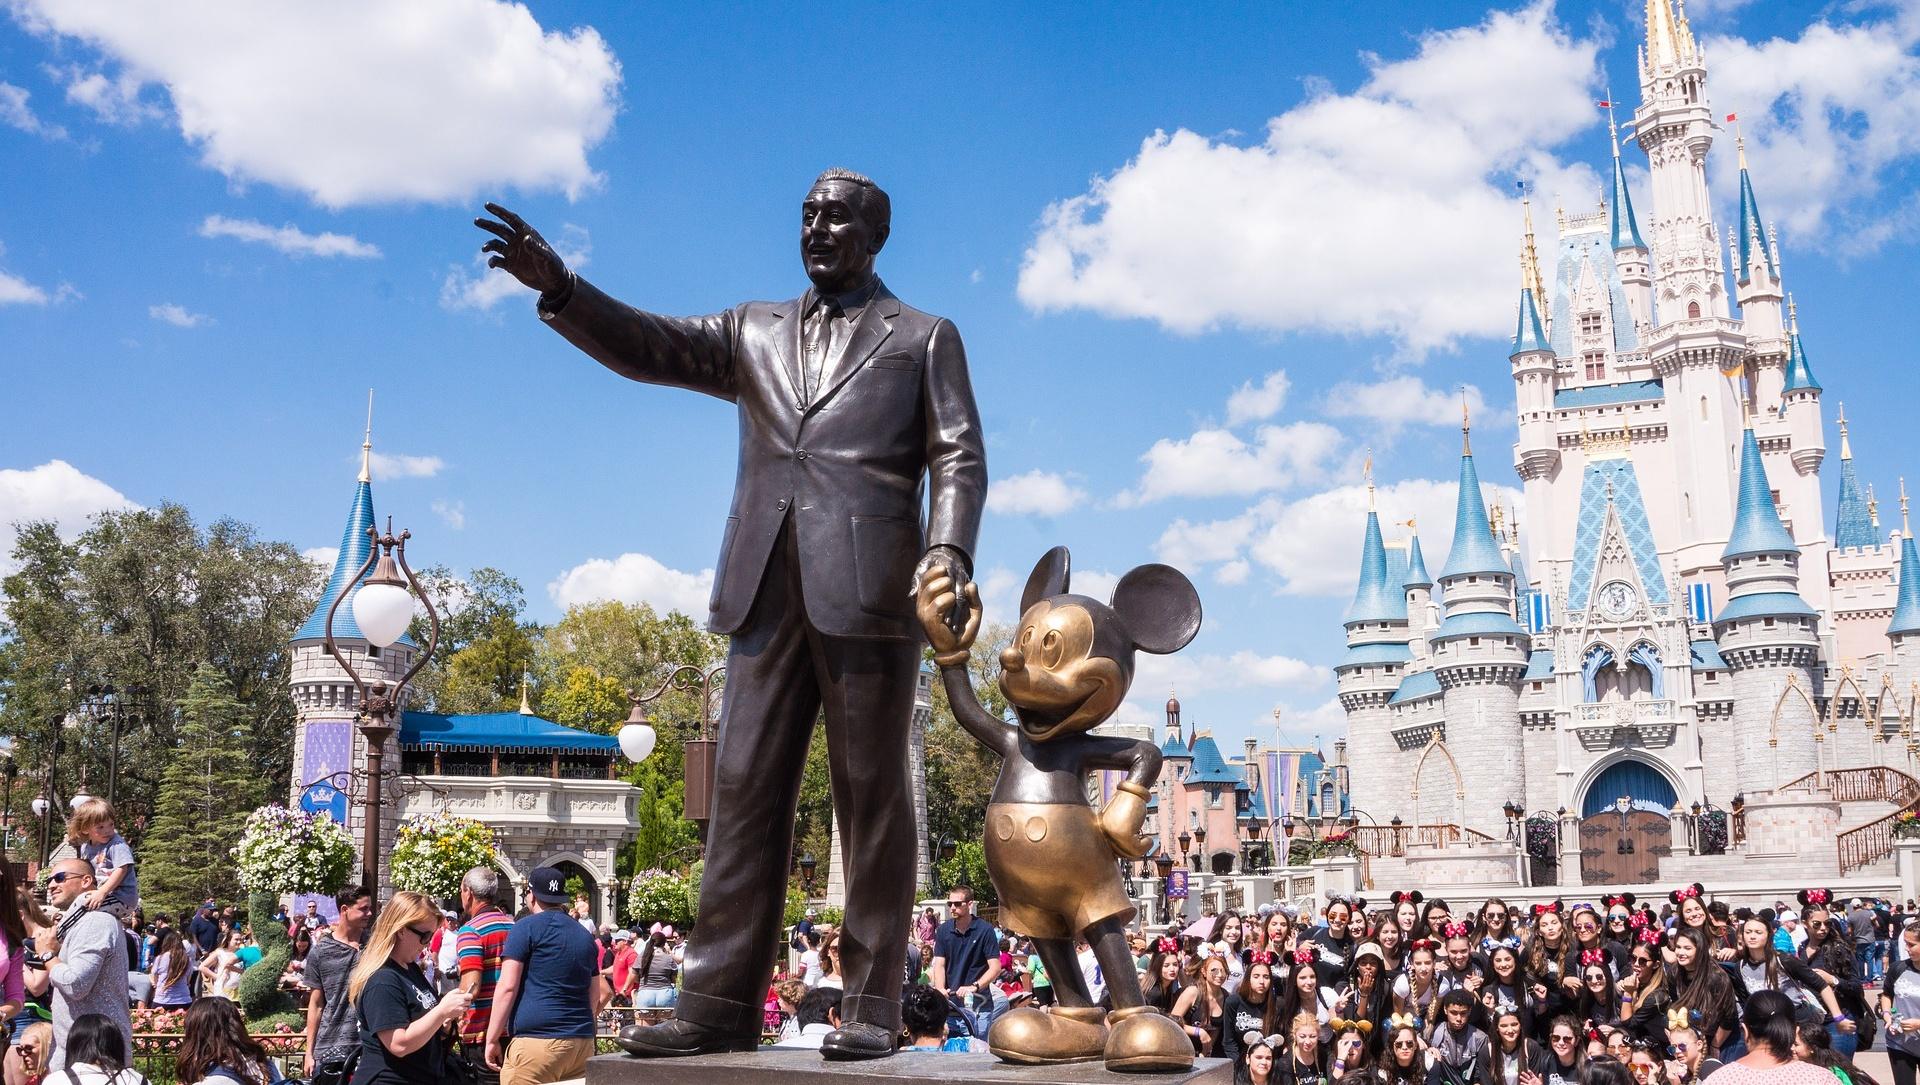 誤丟垃圾桶的戒指,卻能在4小時後找回!迪士尼9成員工都是兼職,為什麼還能屢創「魔法」?